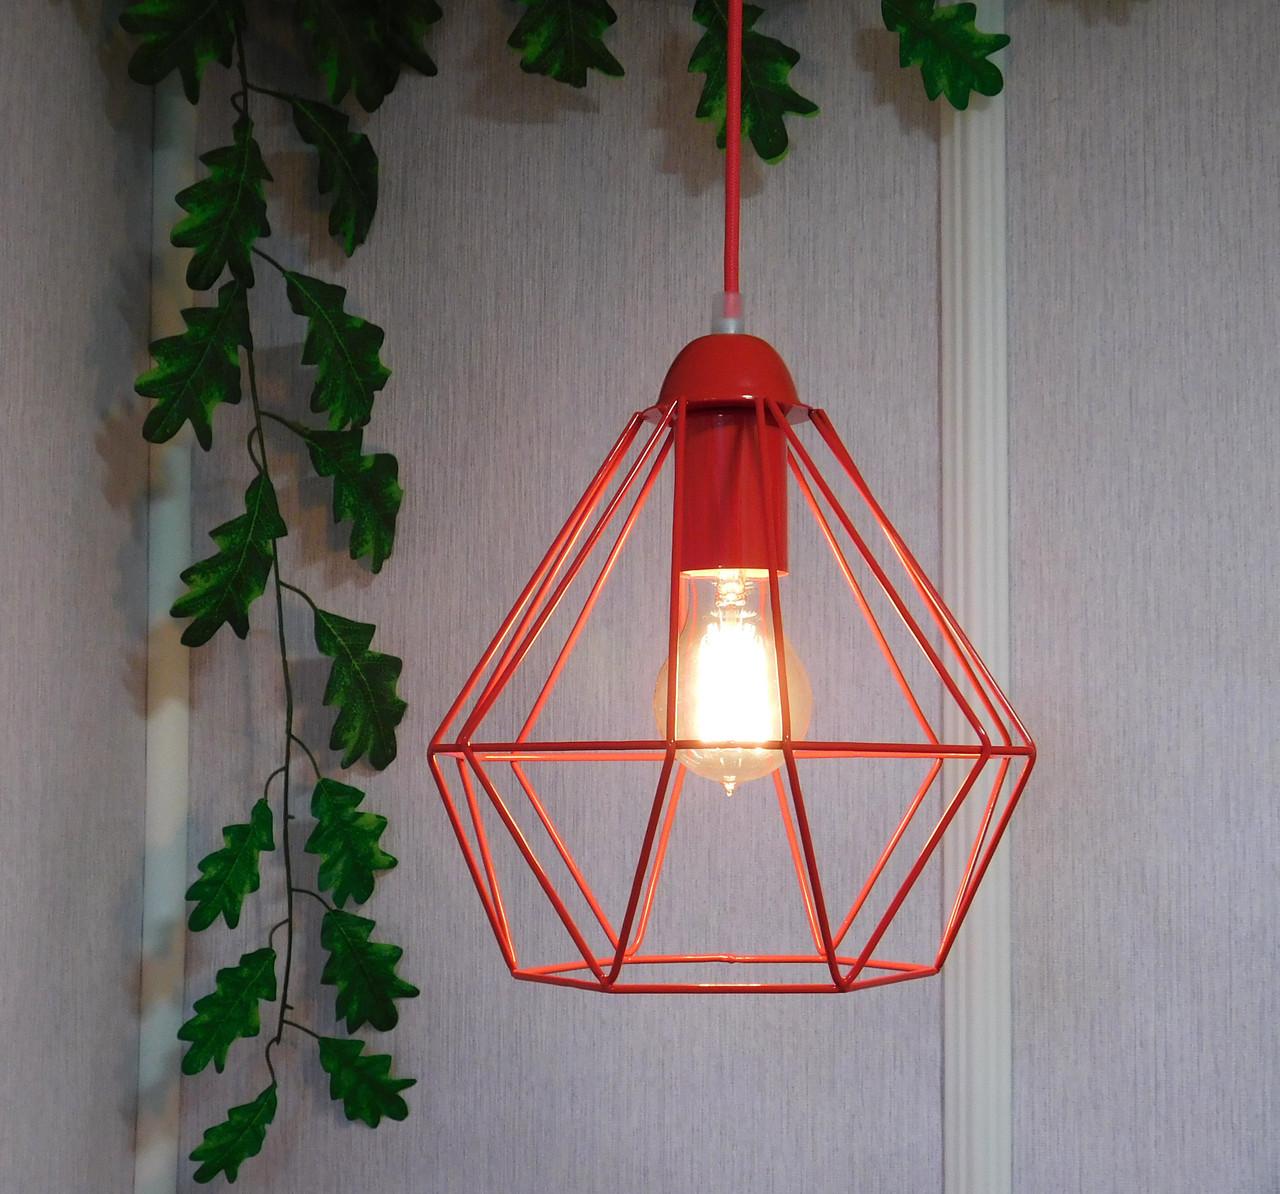 """Подвесной металлический светильник, современный стиль, loft, vintage, modern style """"CLASSIC-R"""" Е27 красны цвет"""